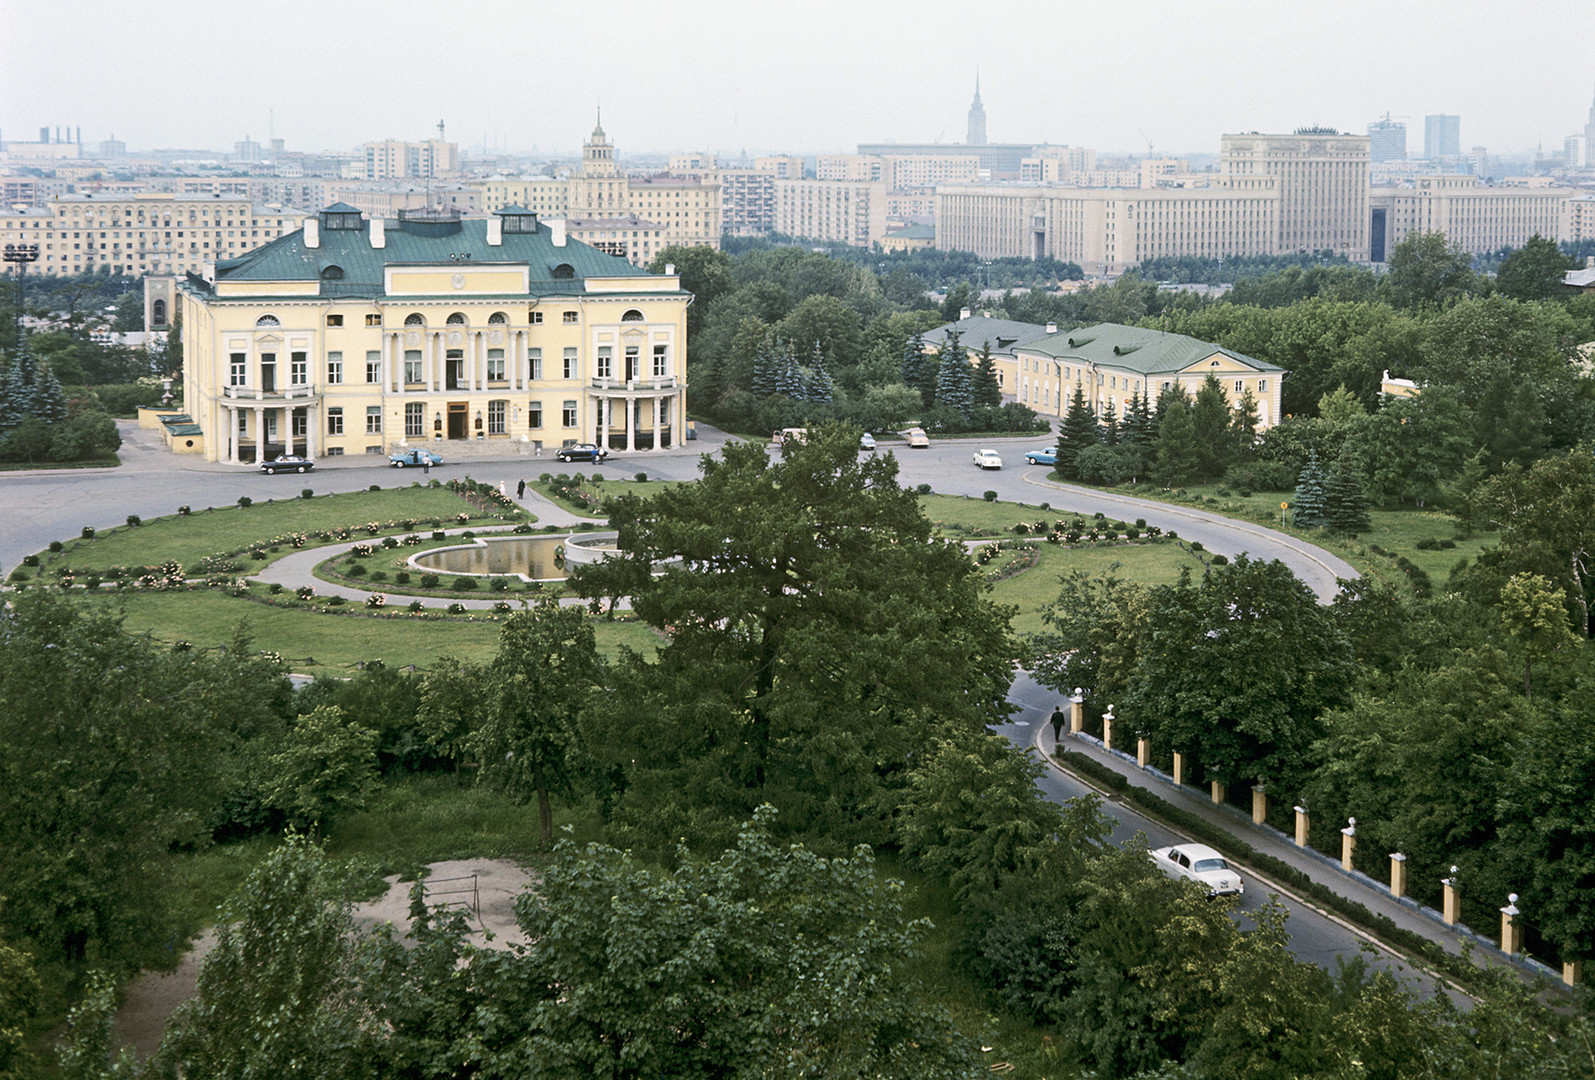 Il palazzo Aleksandrinksij nella tenuta Prokofi Demidov